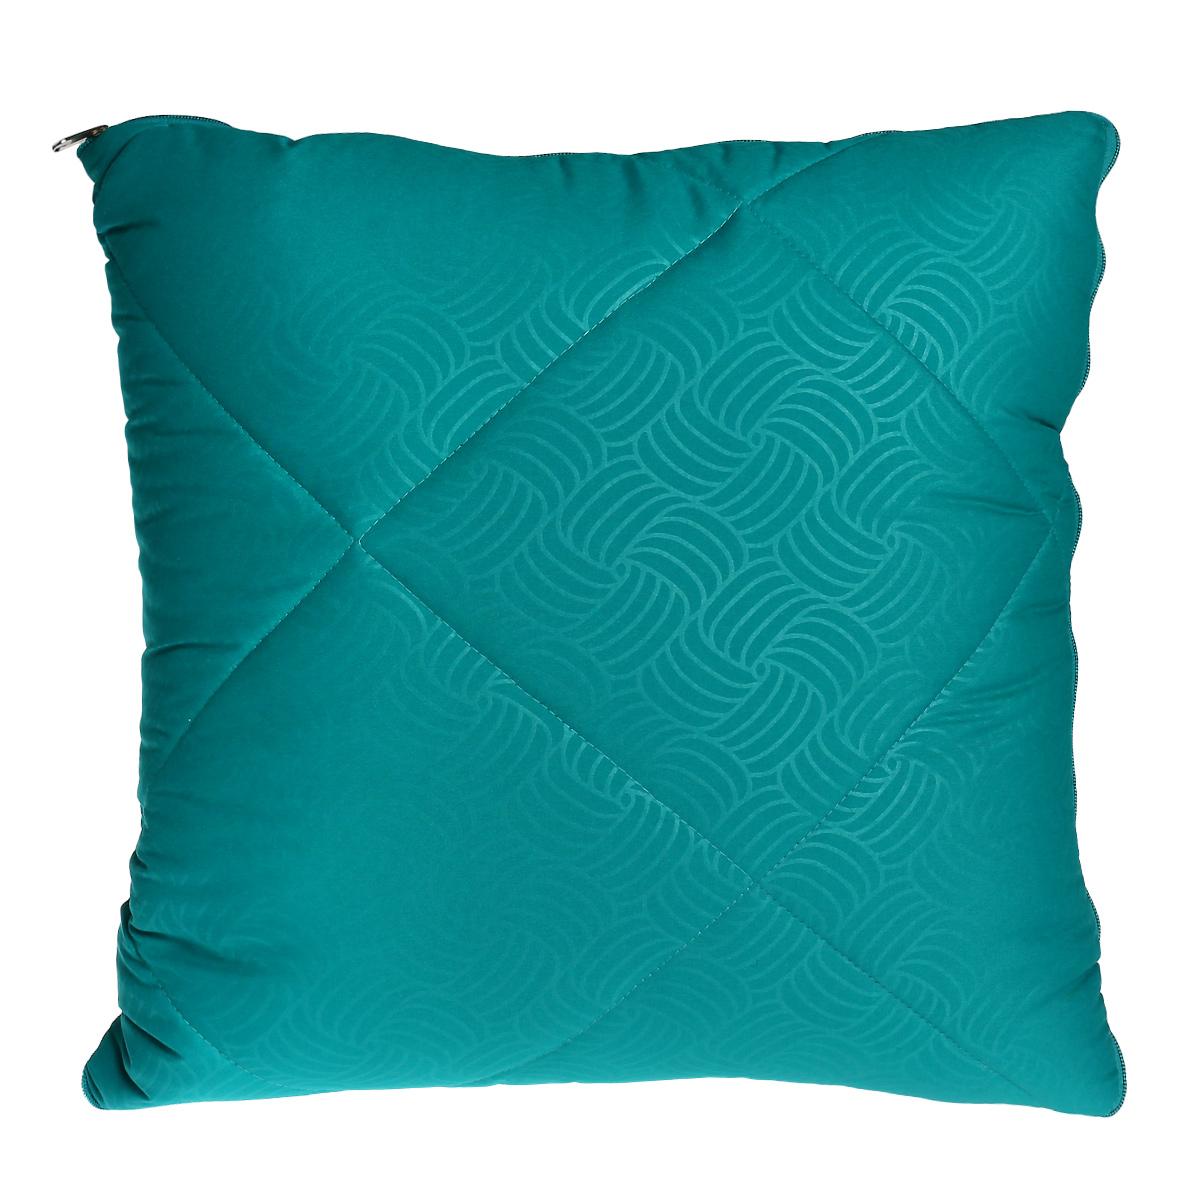 Плед-подушка OL-Tex, наполнитель: полиэфирное волокно Holfiteks, цвет: морская волна, 135 х 200 см, 50 х 50 см ol tex ol tex плед   подушка   палантин